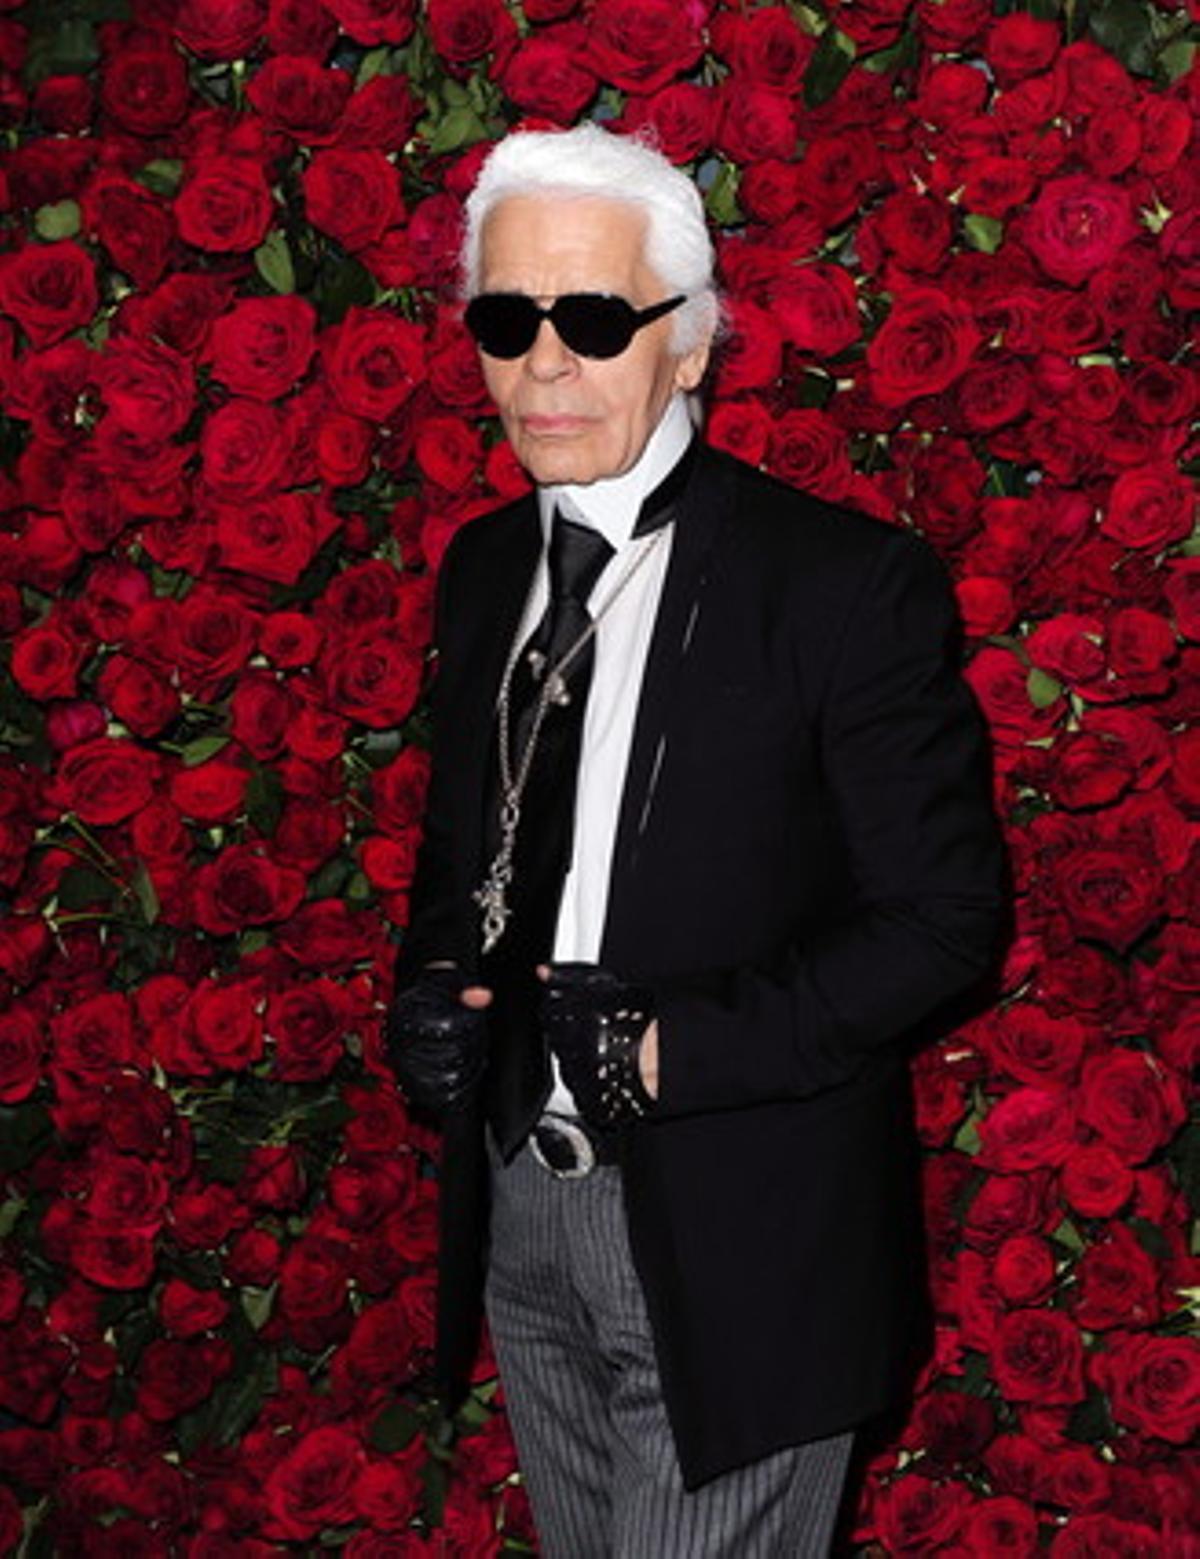 El diseñador de moda alemán Karl Lagerfeld, el pasado martes, 15 de noviembre de 2011, en una gala benéfica en Nueva York.